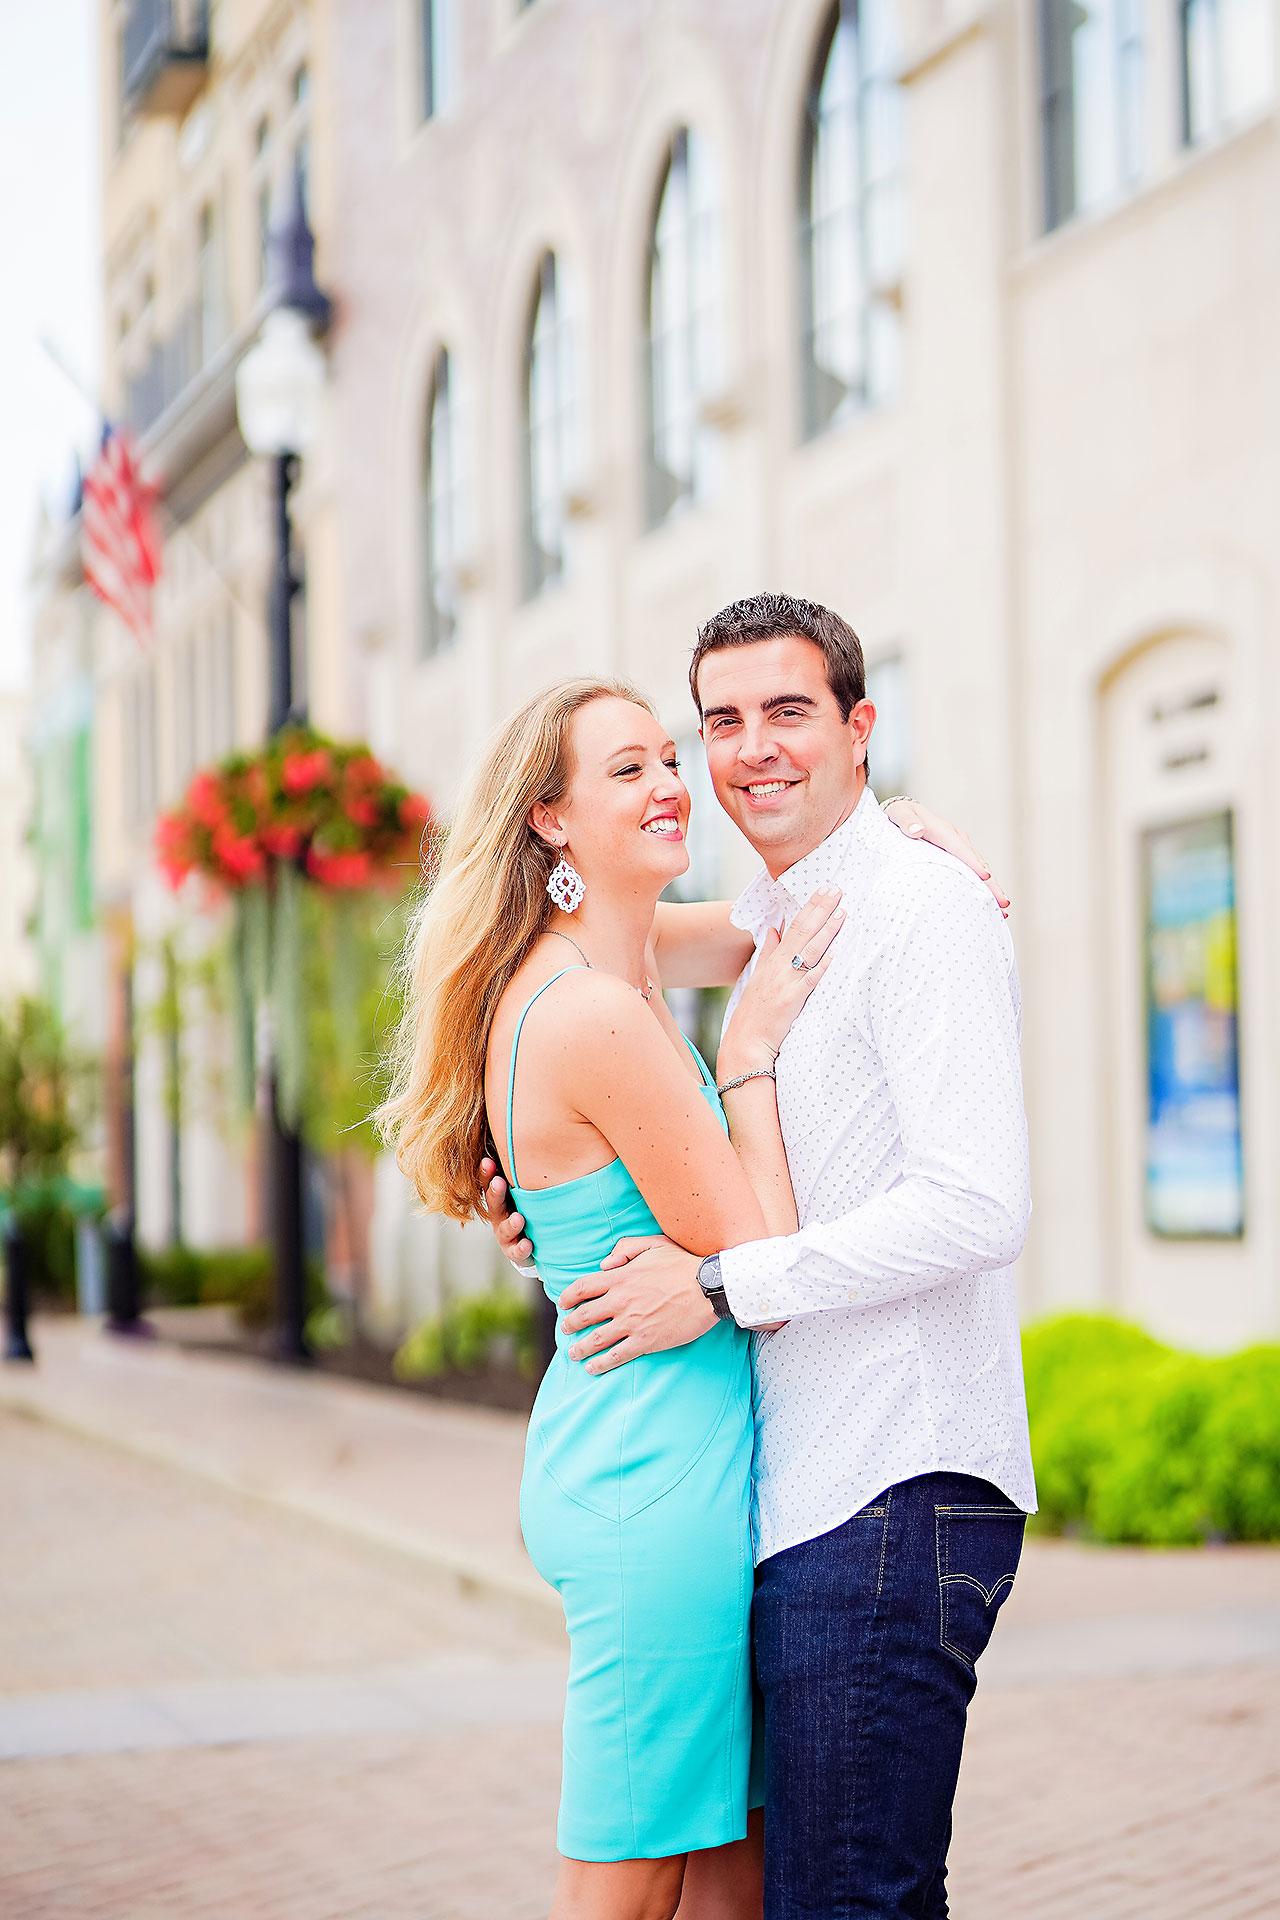 Liz Zach Midtown Carmel Engagement Session 066